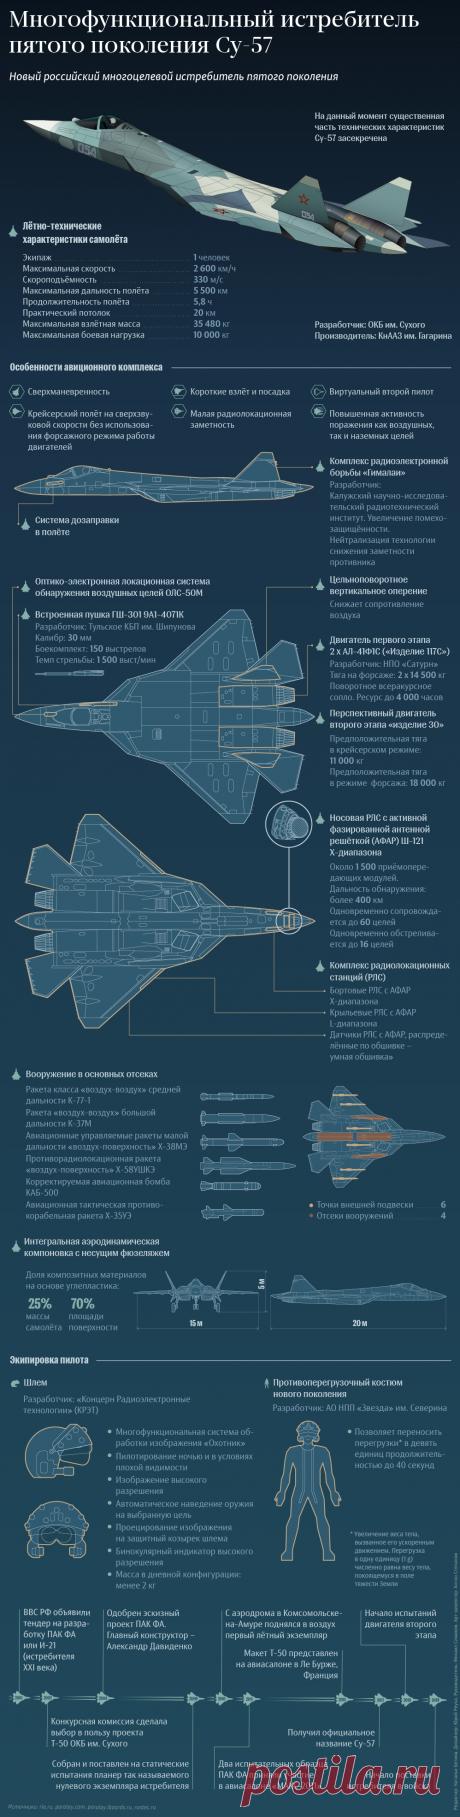 Многофункциональный истребитель пятого поколения Су-57 - РИА Новости, 18.07.2017